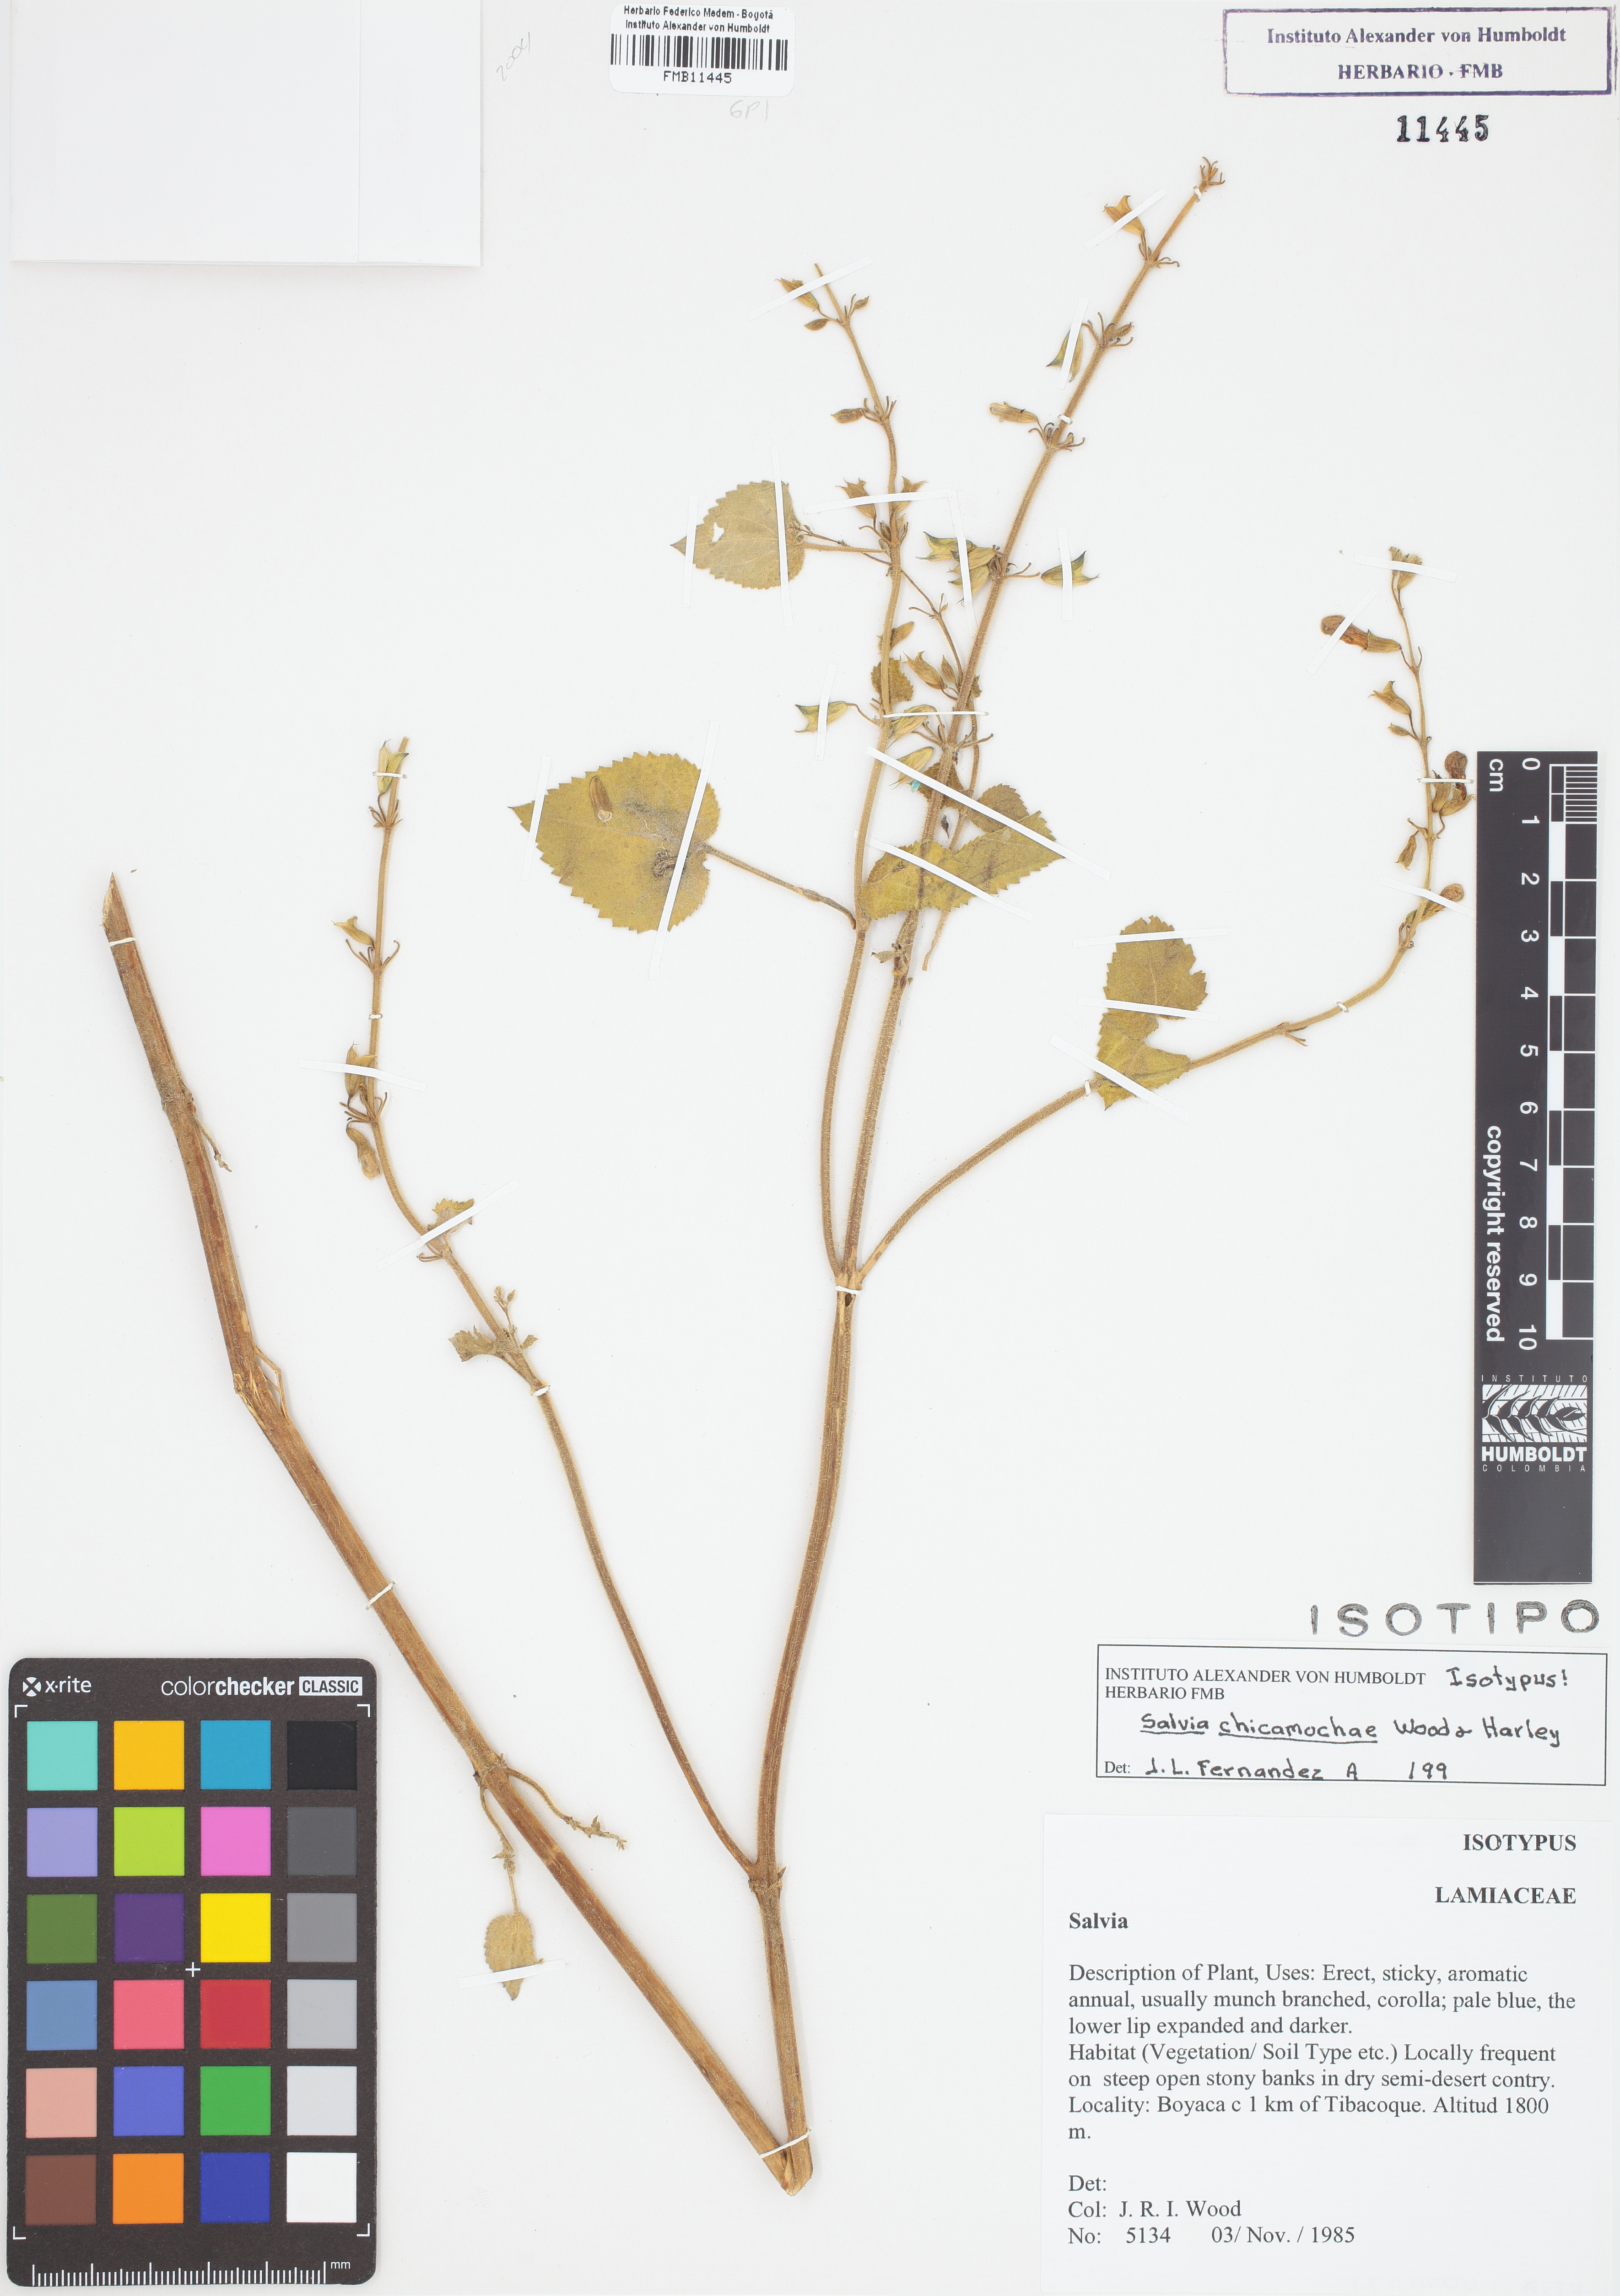 Isotipo de <em>Salvia chicamochae</em>, FMB-11445, Fotografía por Robles A.